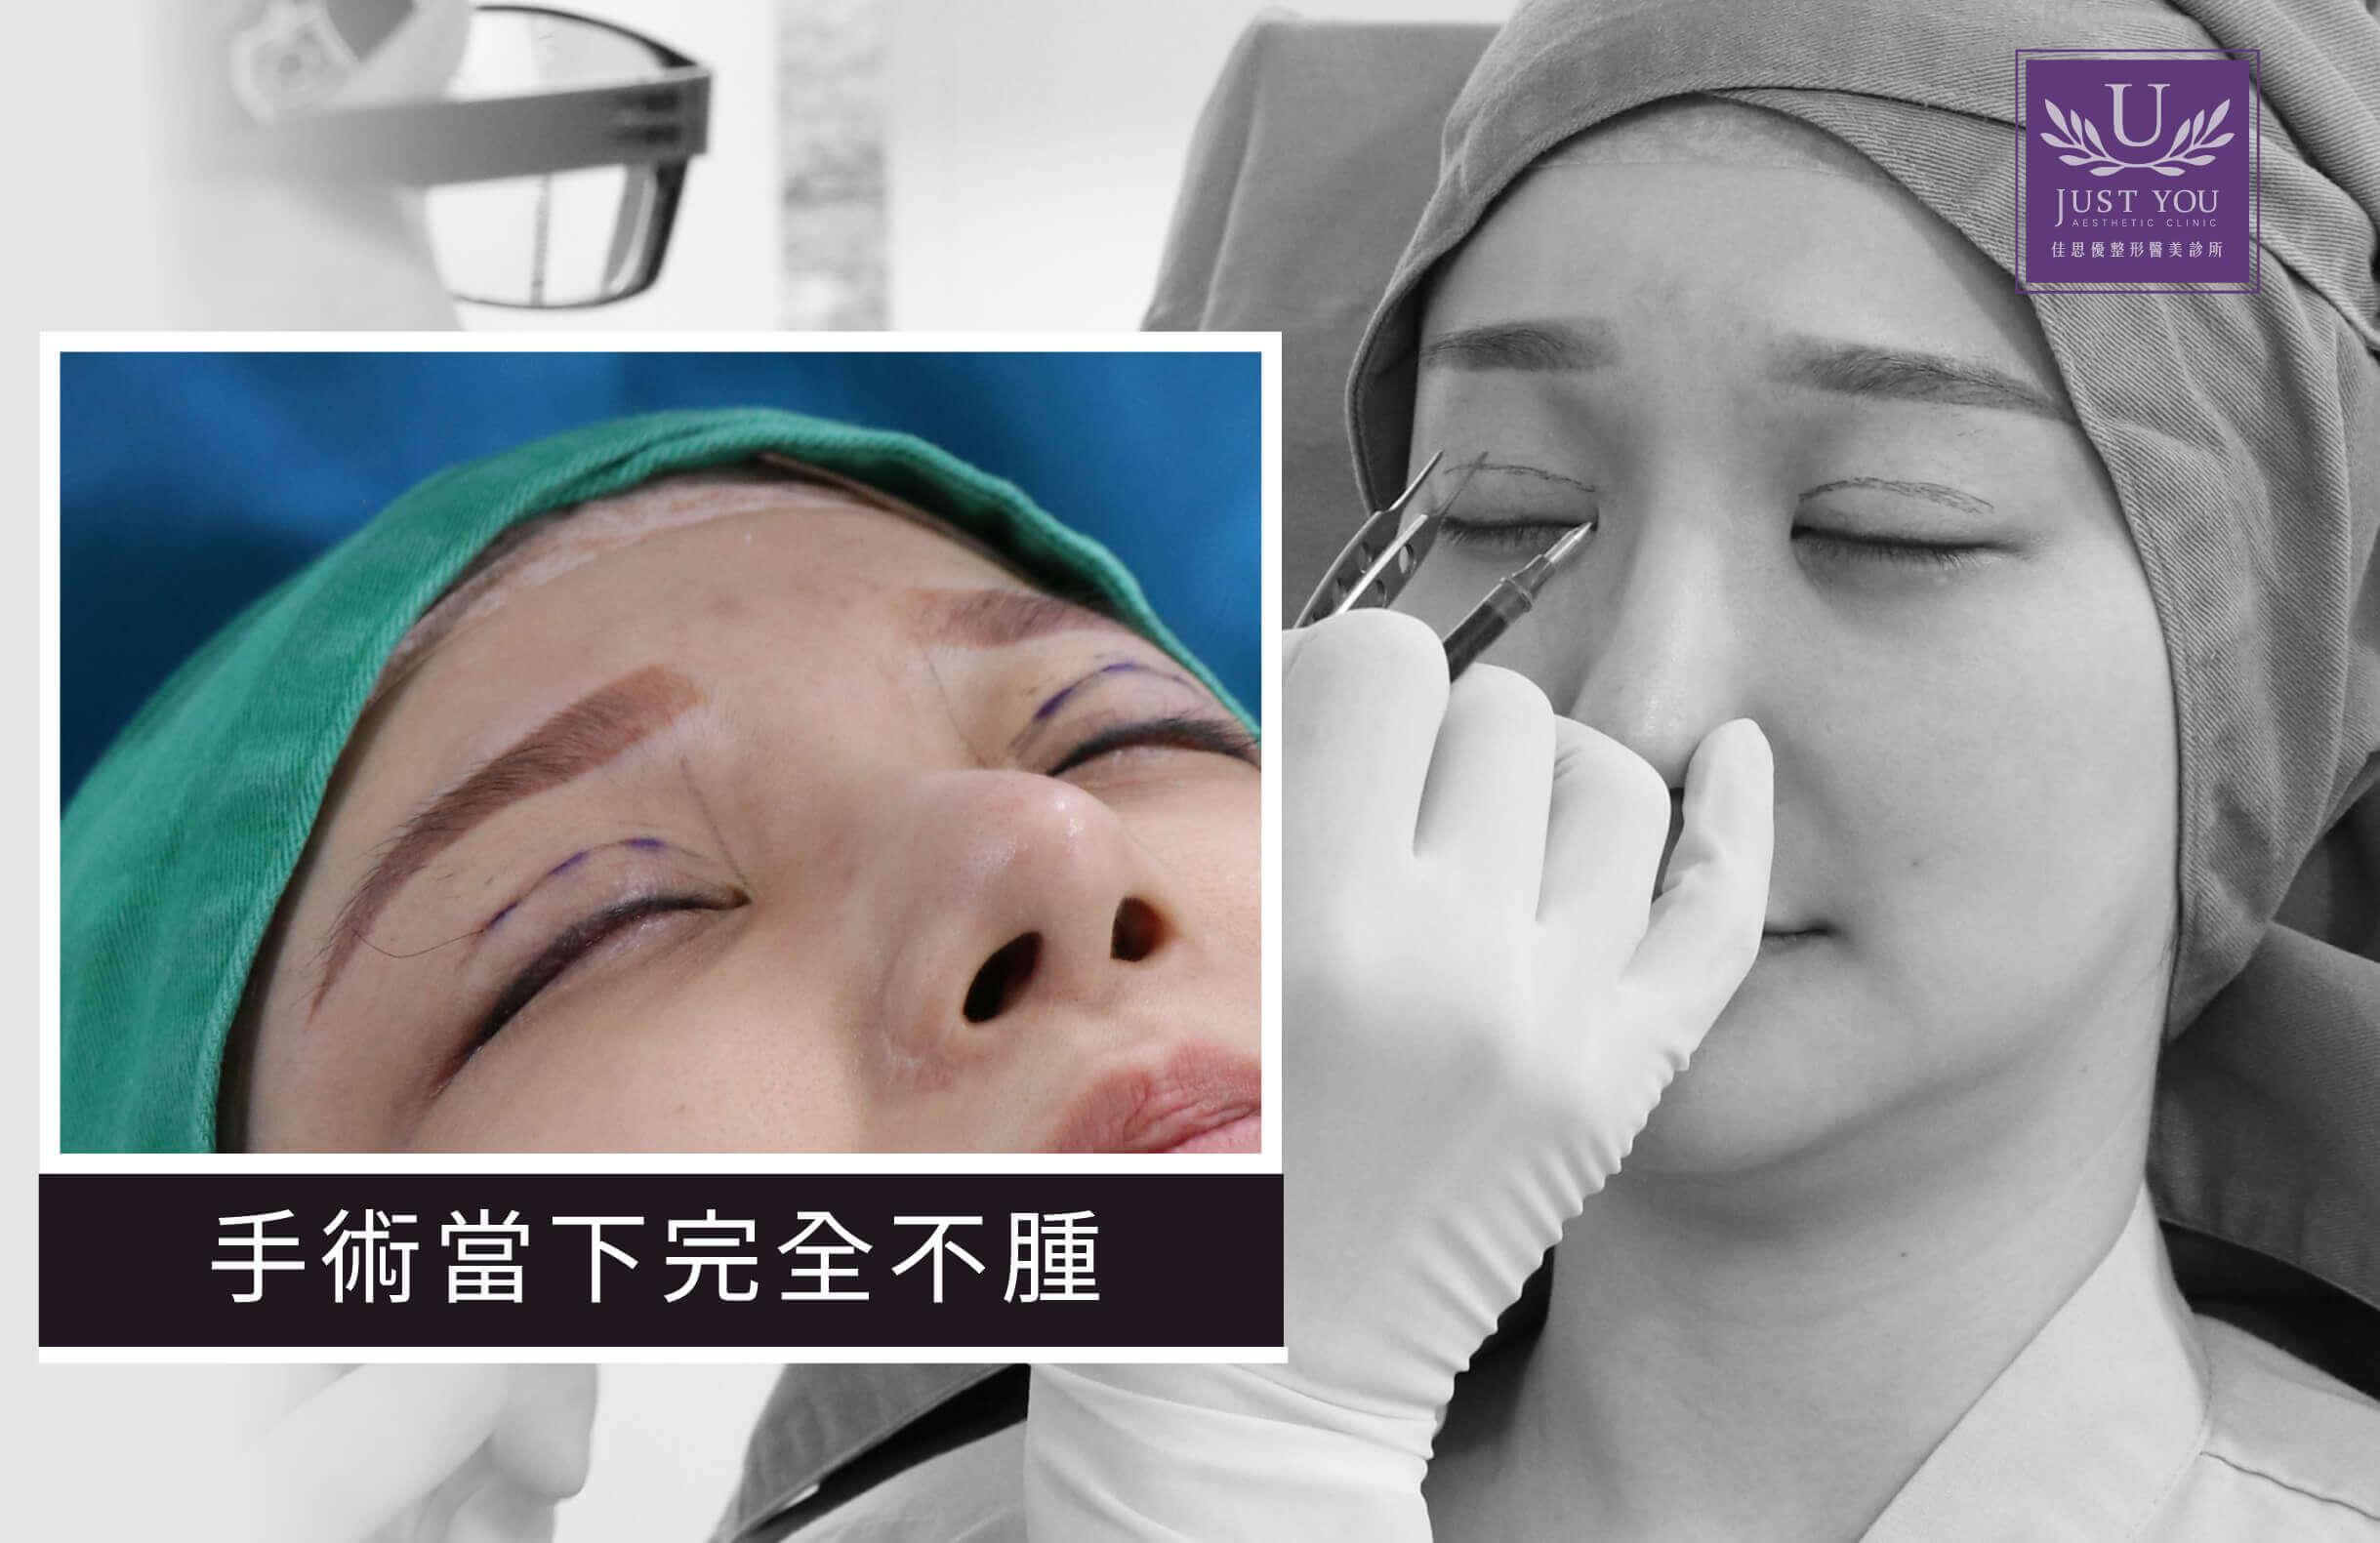 欧美混血双眼皮见证VIVI_手术过程